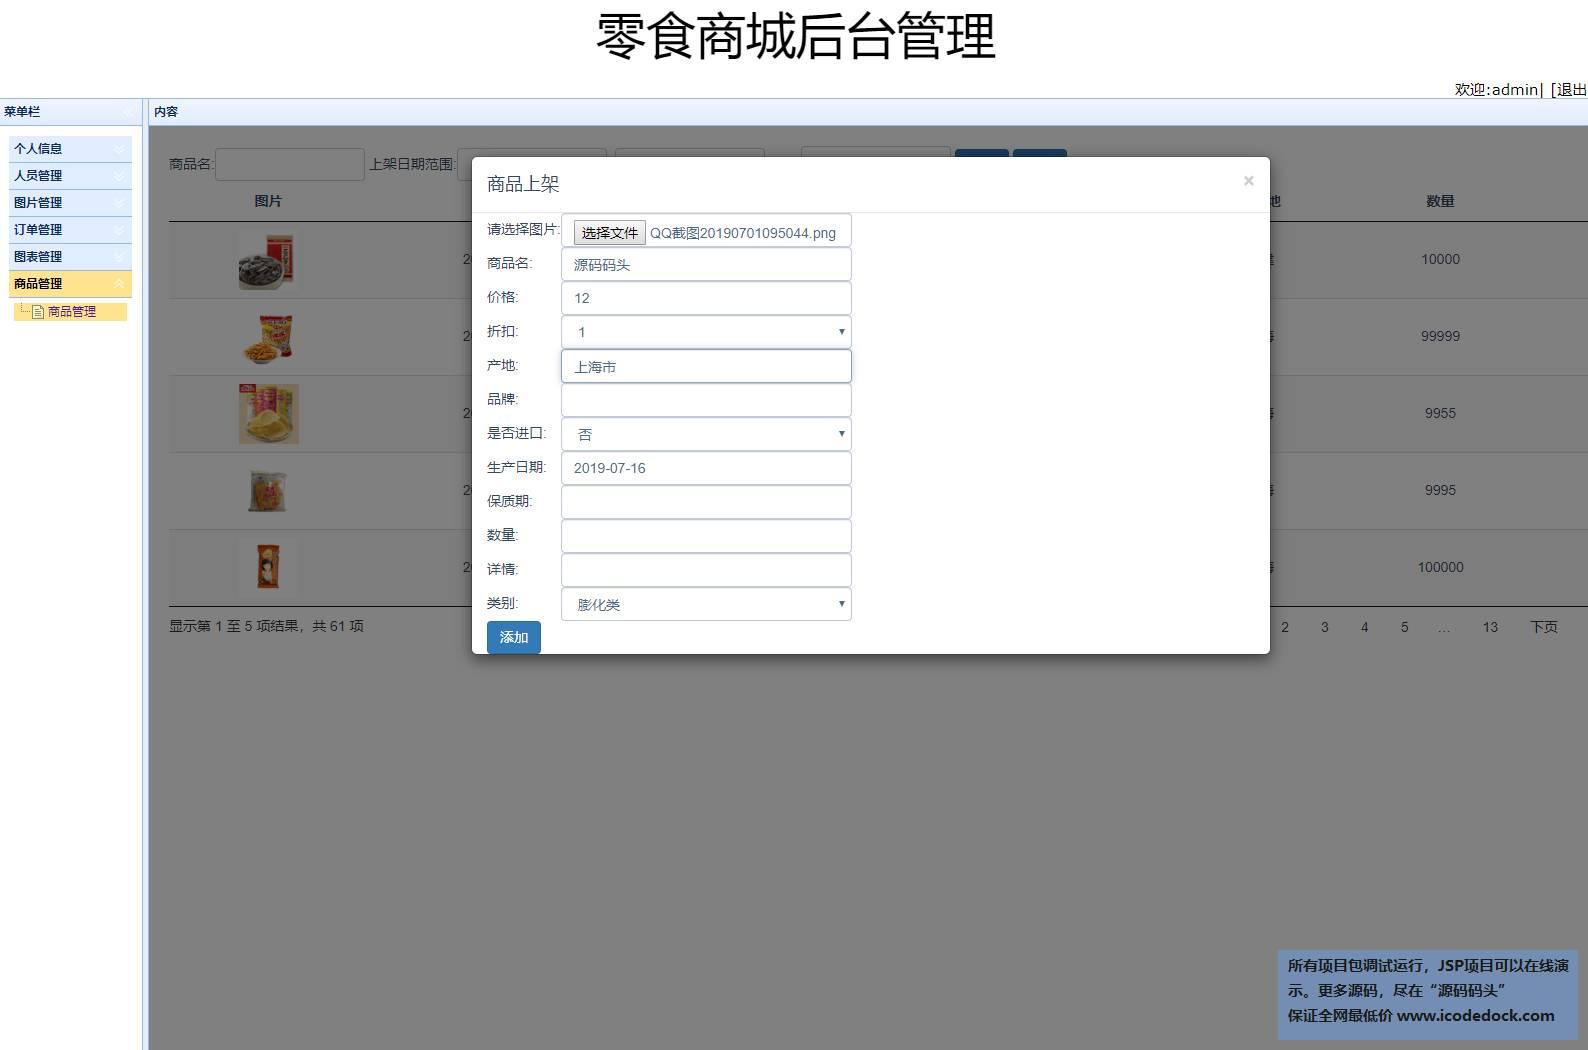 源码码头-SSM网上零食商城-管理员角色-添加商品